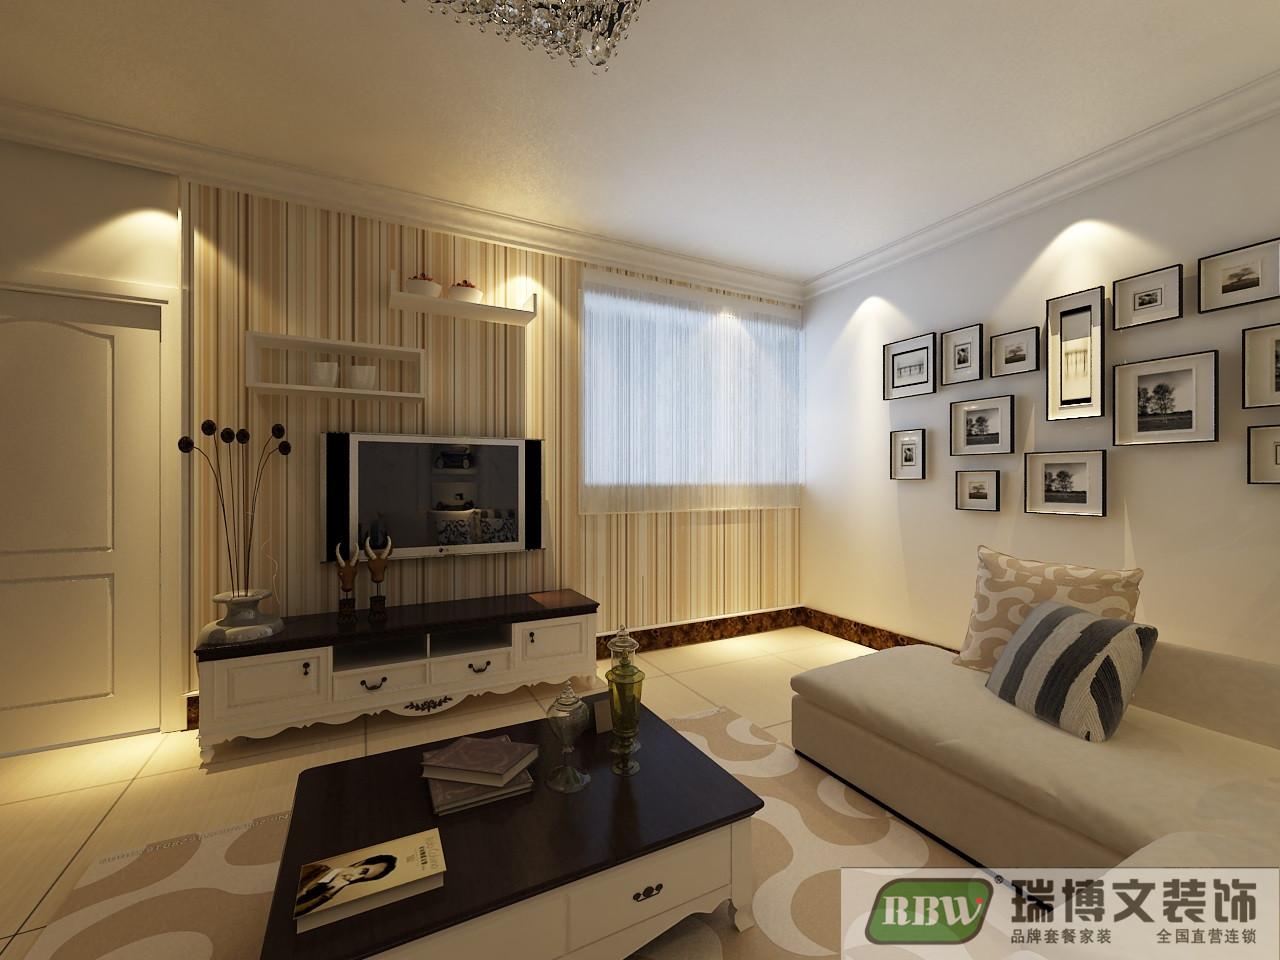 简约 二居 客厅图片来自石家庄瑞博文张琳在4.1万打造锦融尚御现代简约风的分享